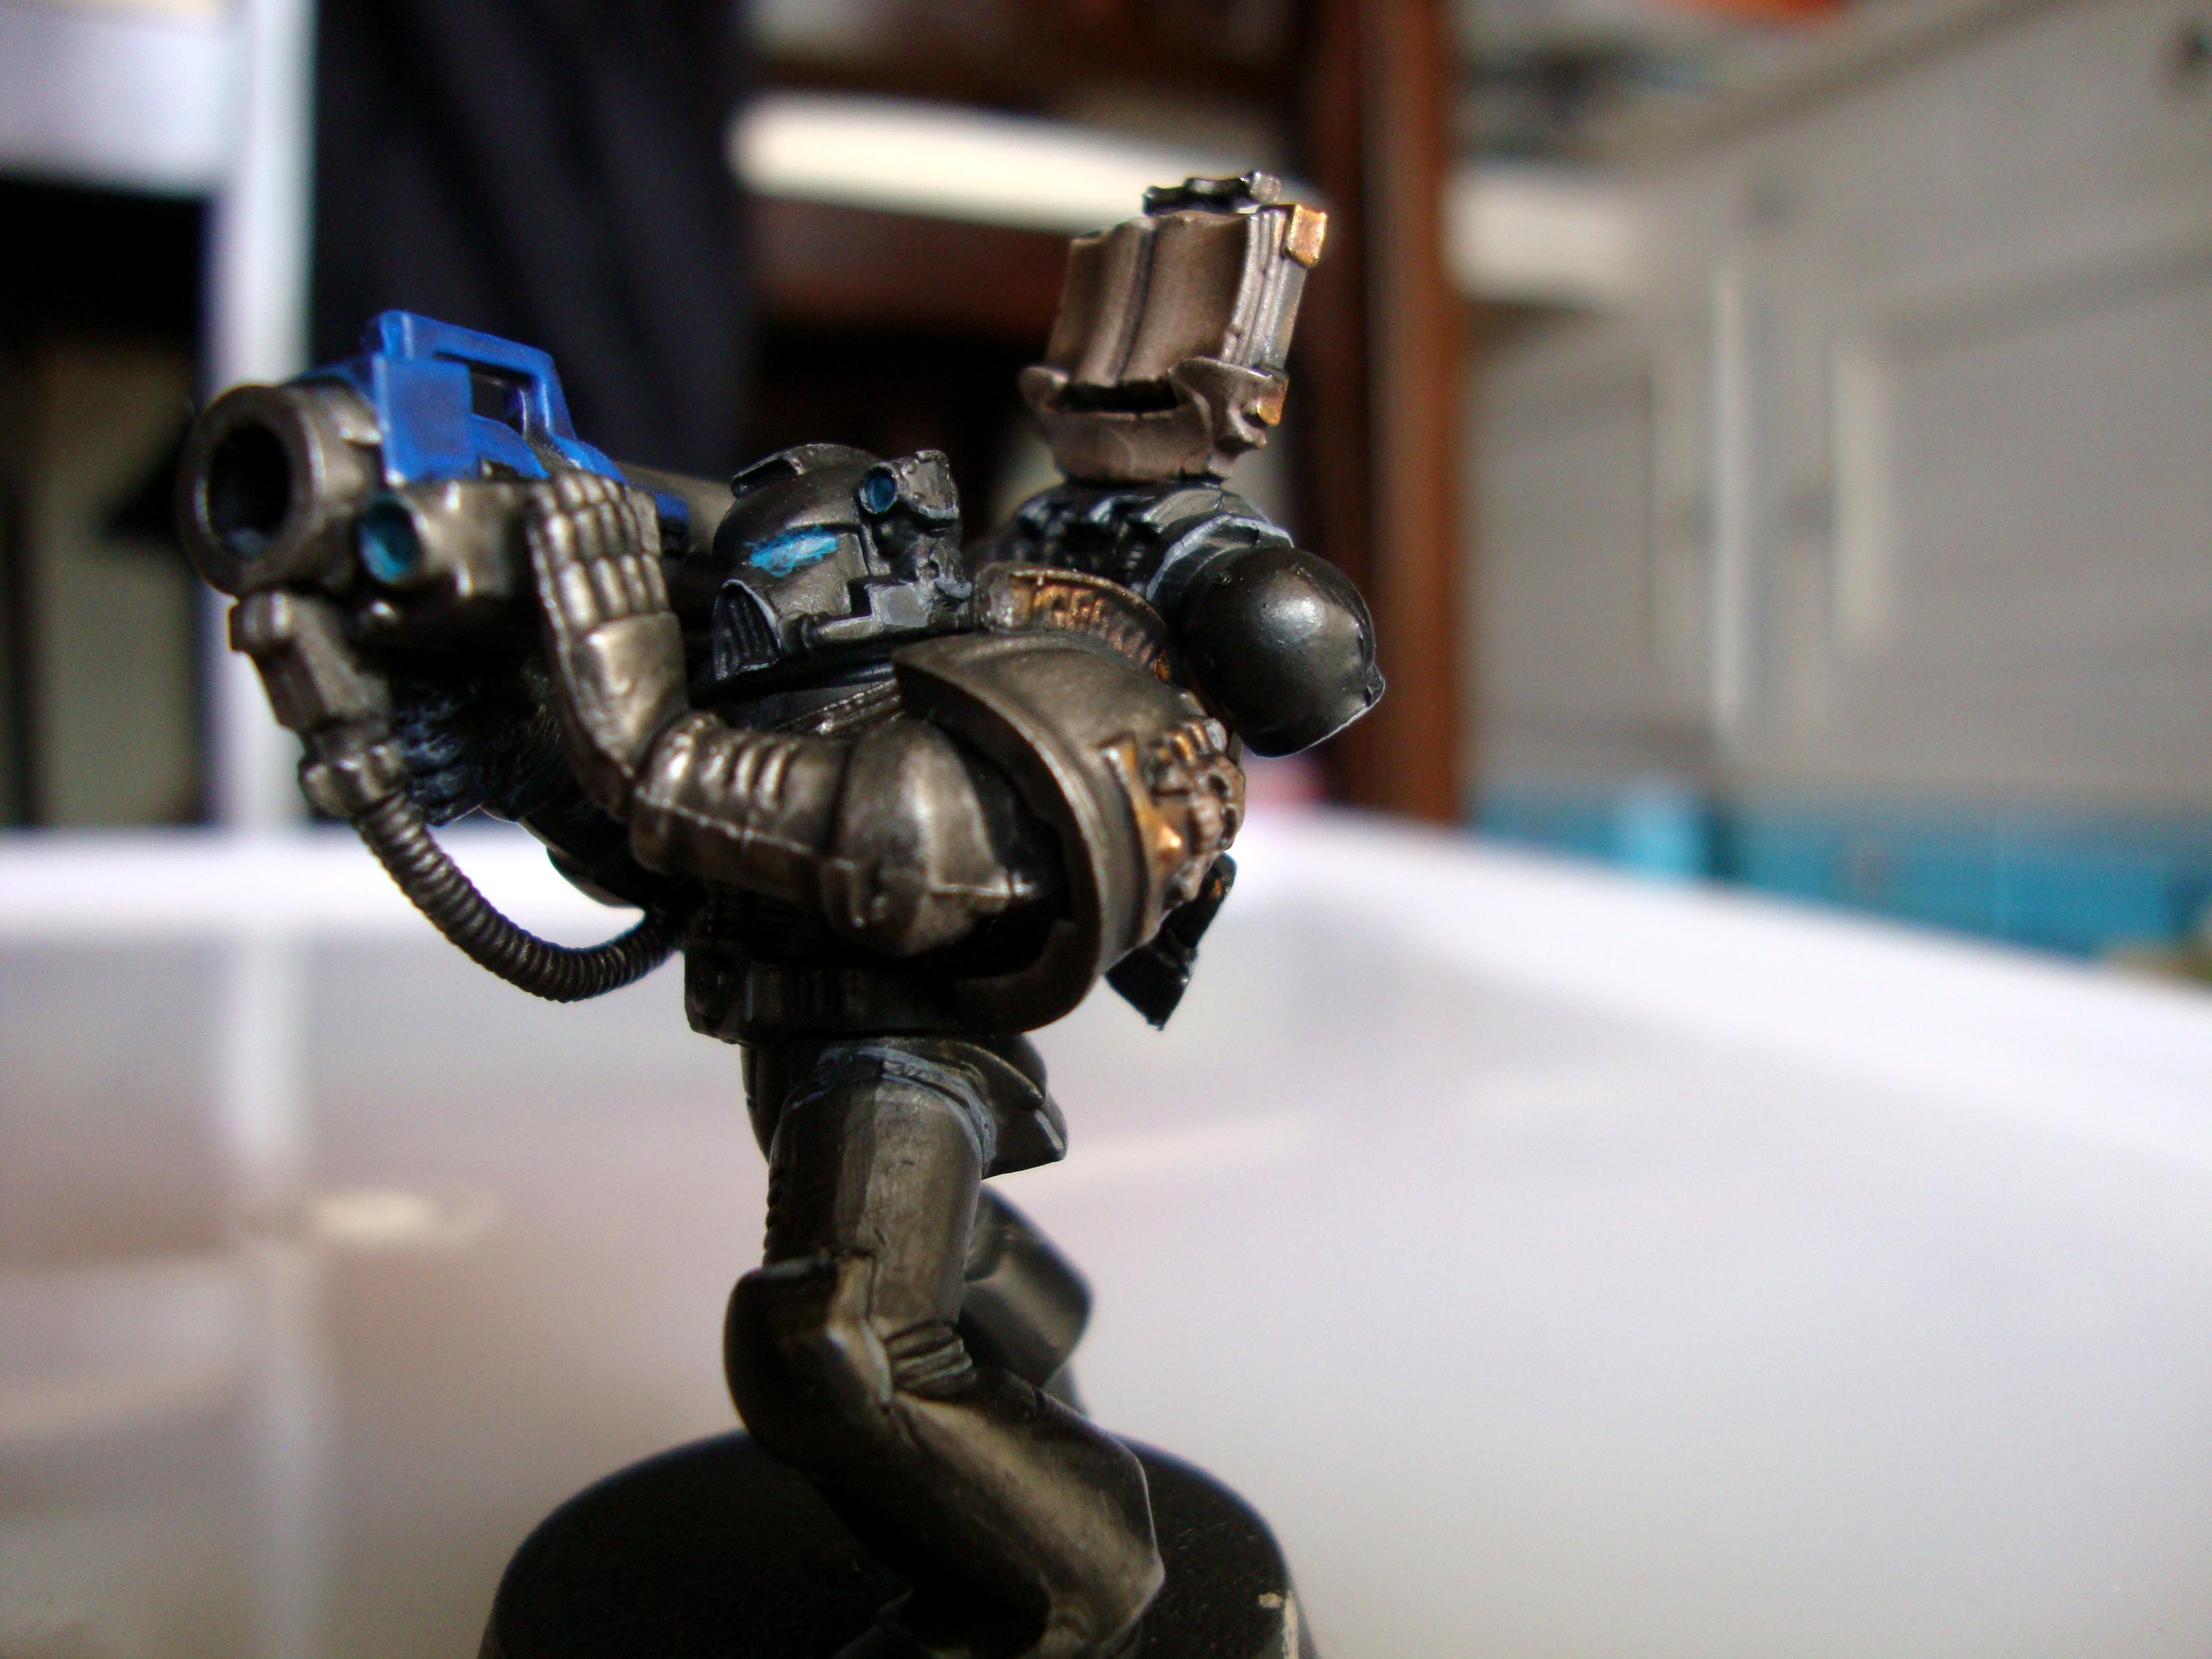 Deathwatch, Devastator, Space Marines, Ultramarines